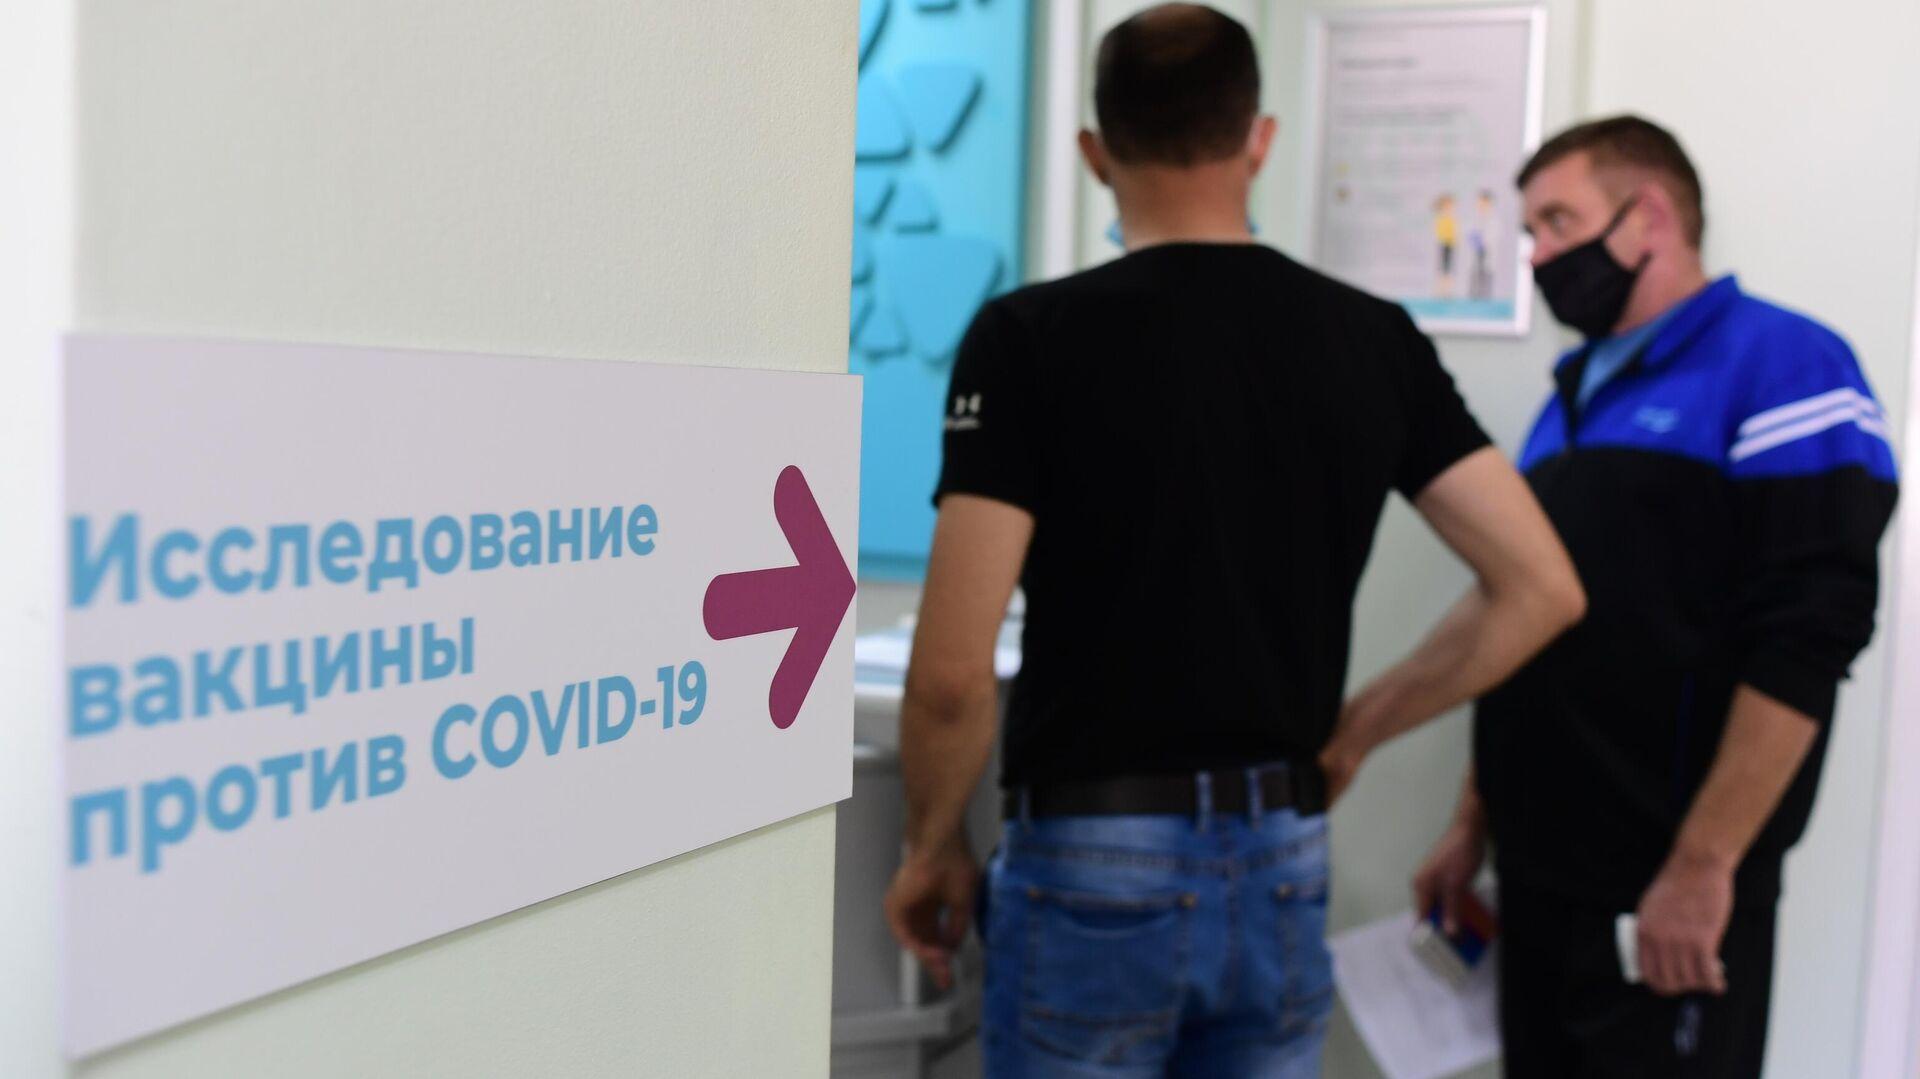 Мужчины стоят в очередь на вакцину возле процедурного кабинета поликлиники Москвы - РИА Новости, 1920, 01.10.2020